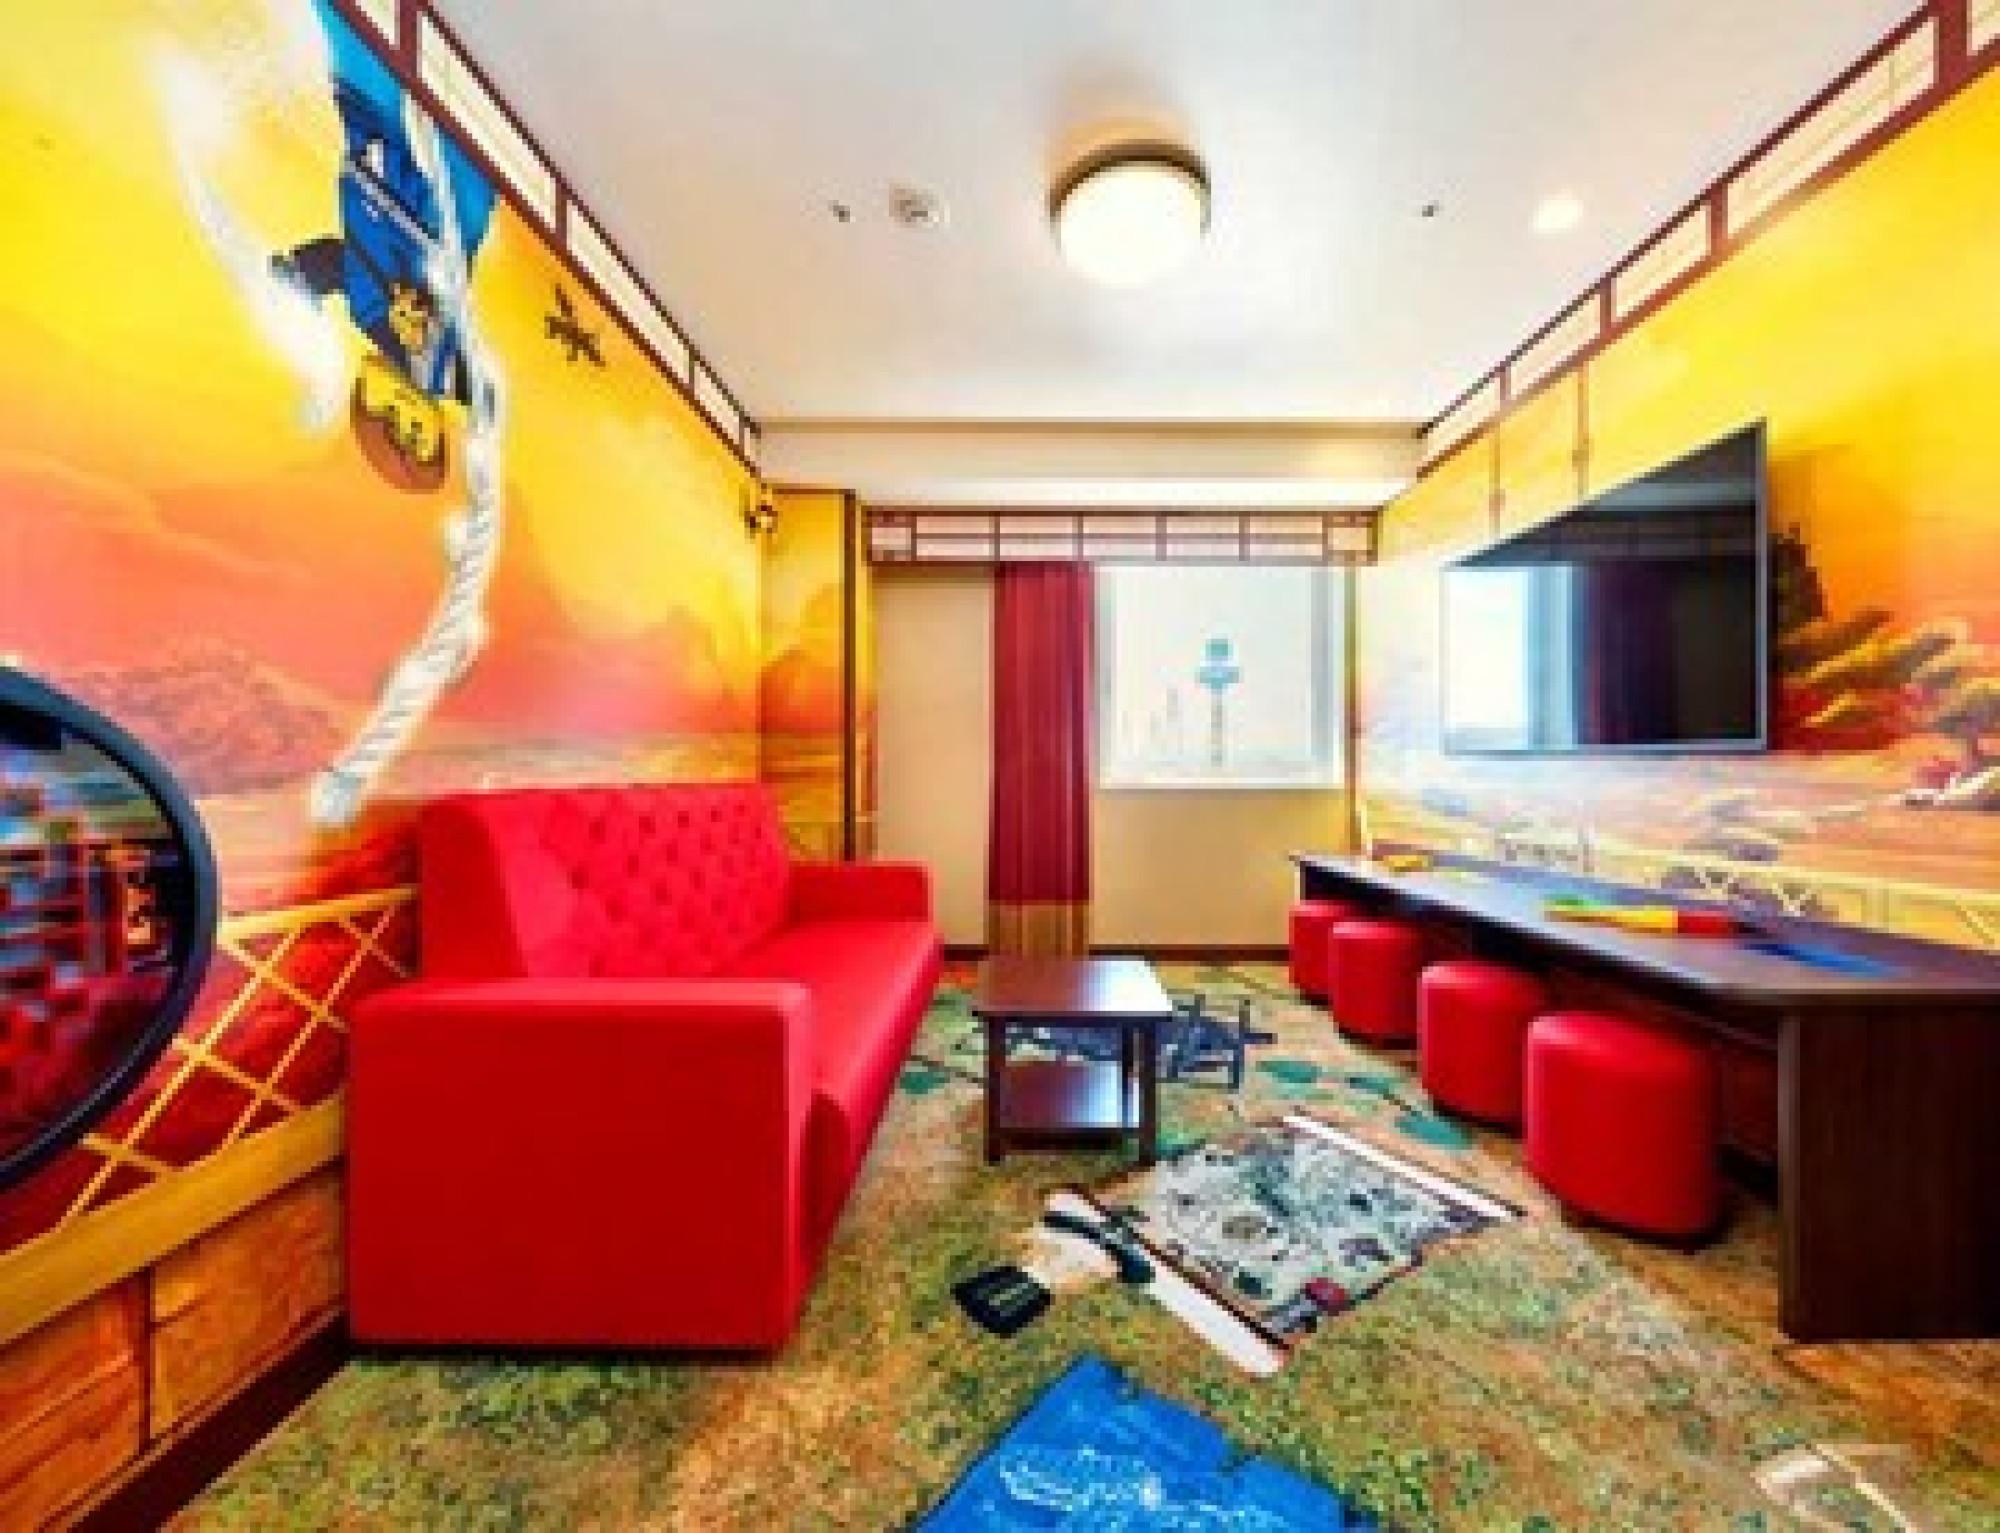 レゴ・ブロックの世界が散りばめられたホテル